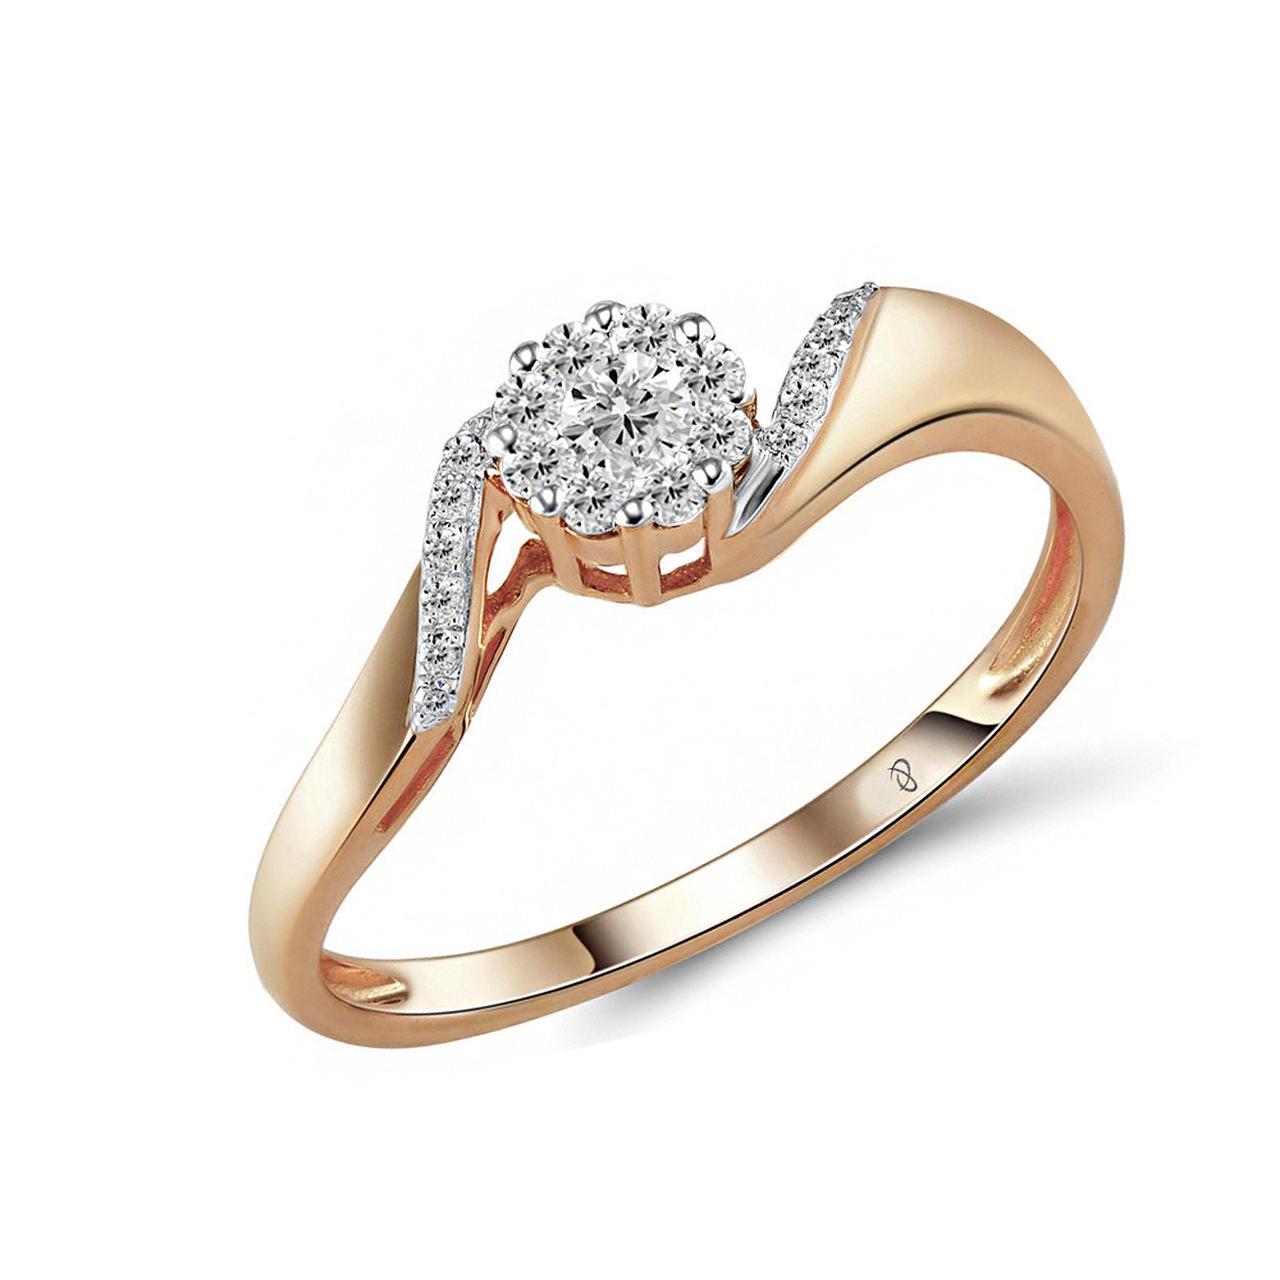 Золотое кольцо с бриллиантами, размер 16 (1551726)